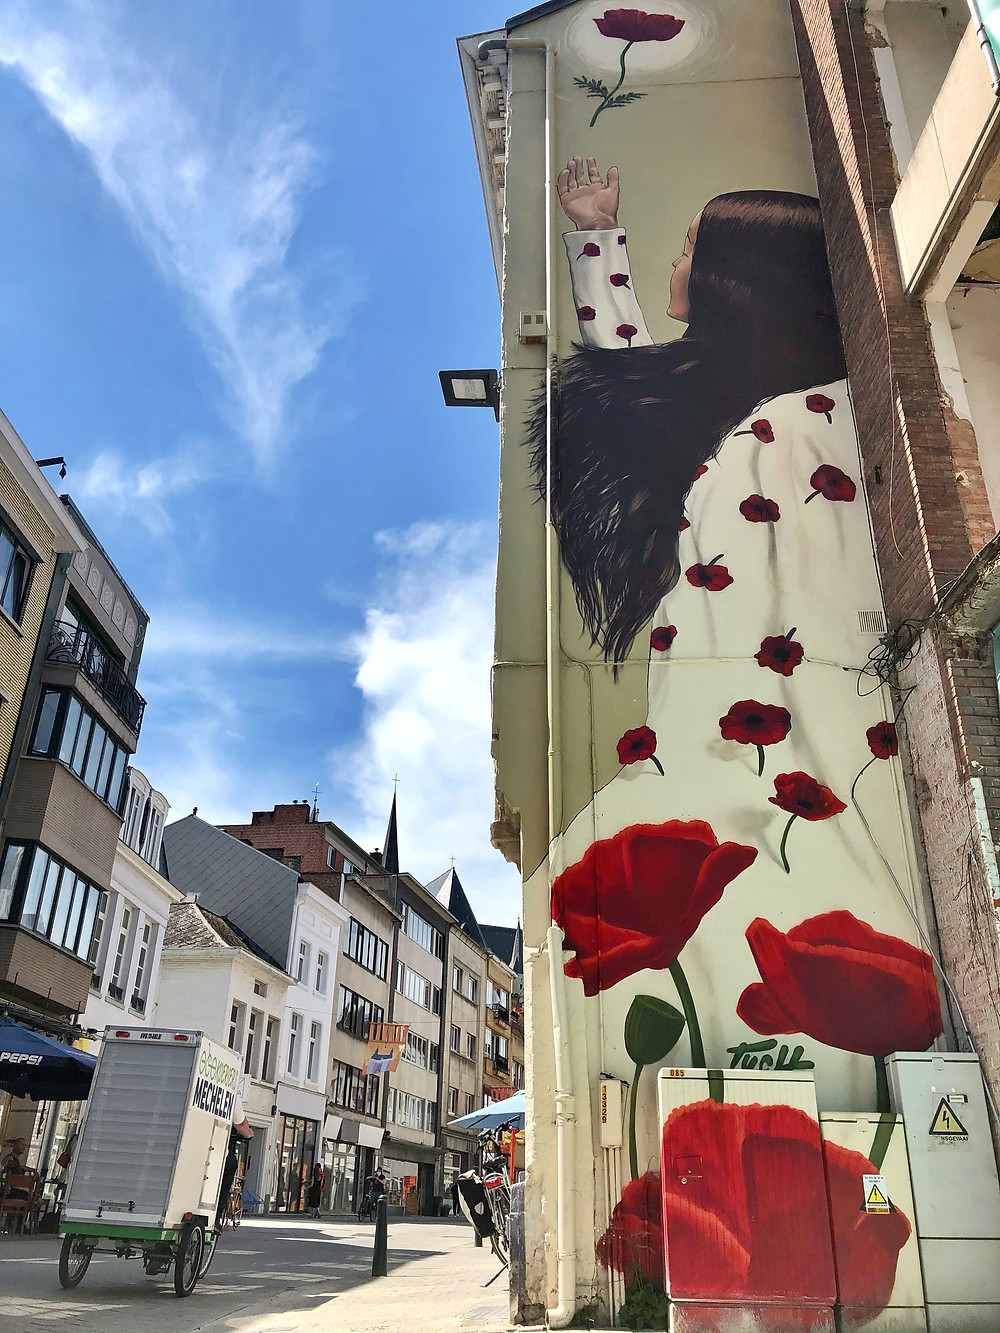 Street Art by TUCH in Mechelen